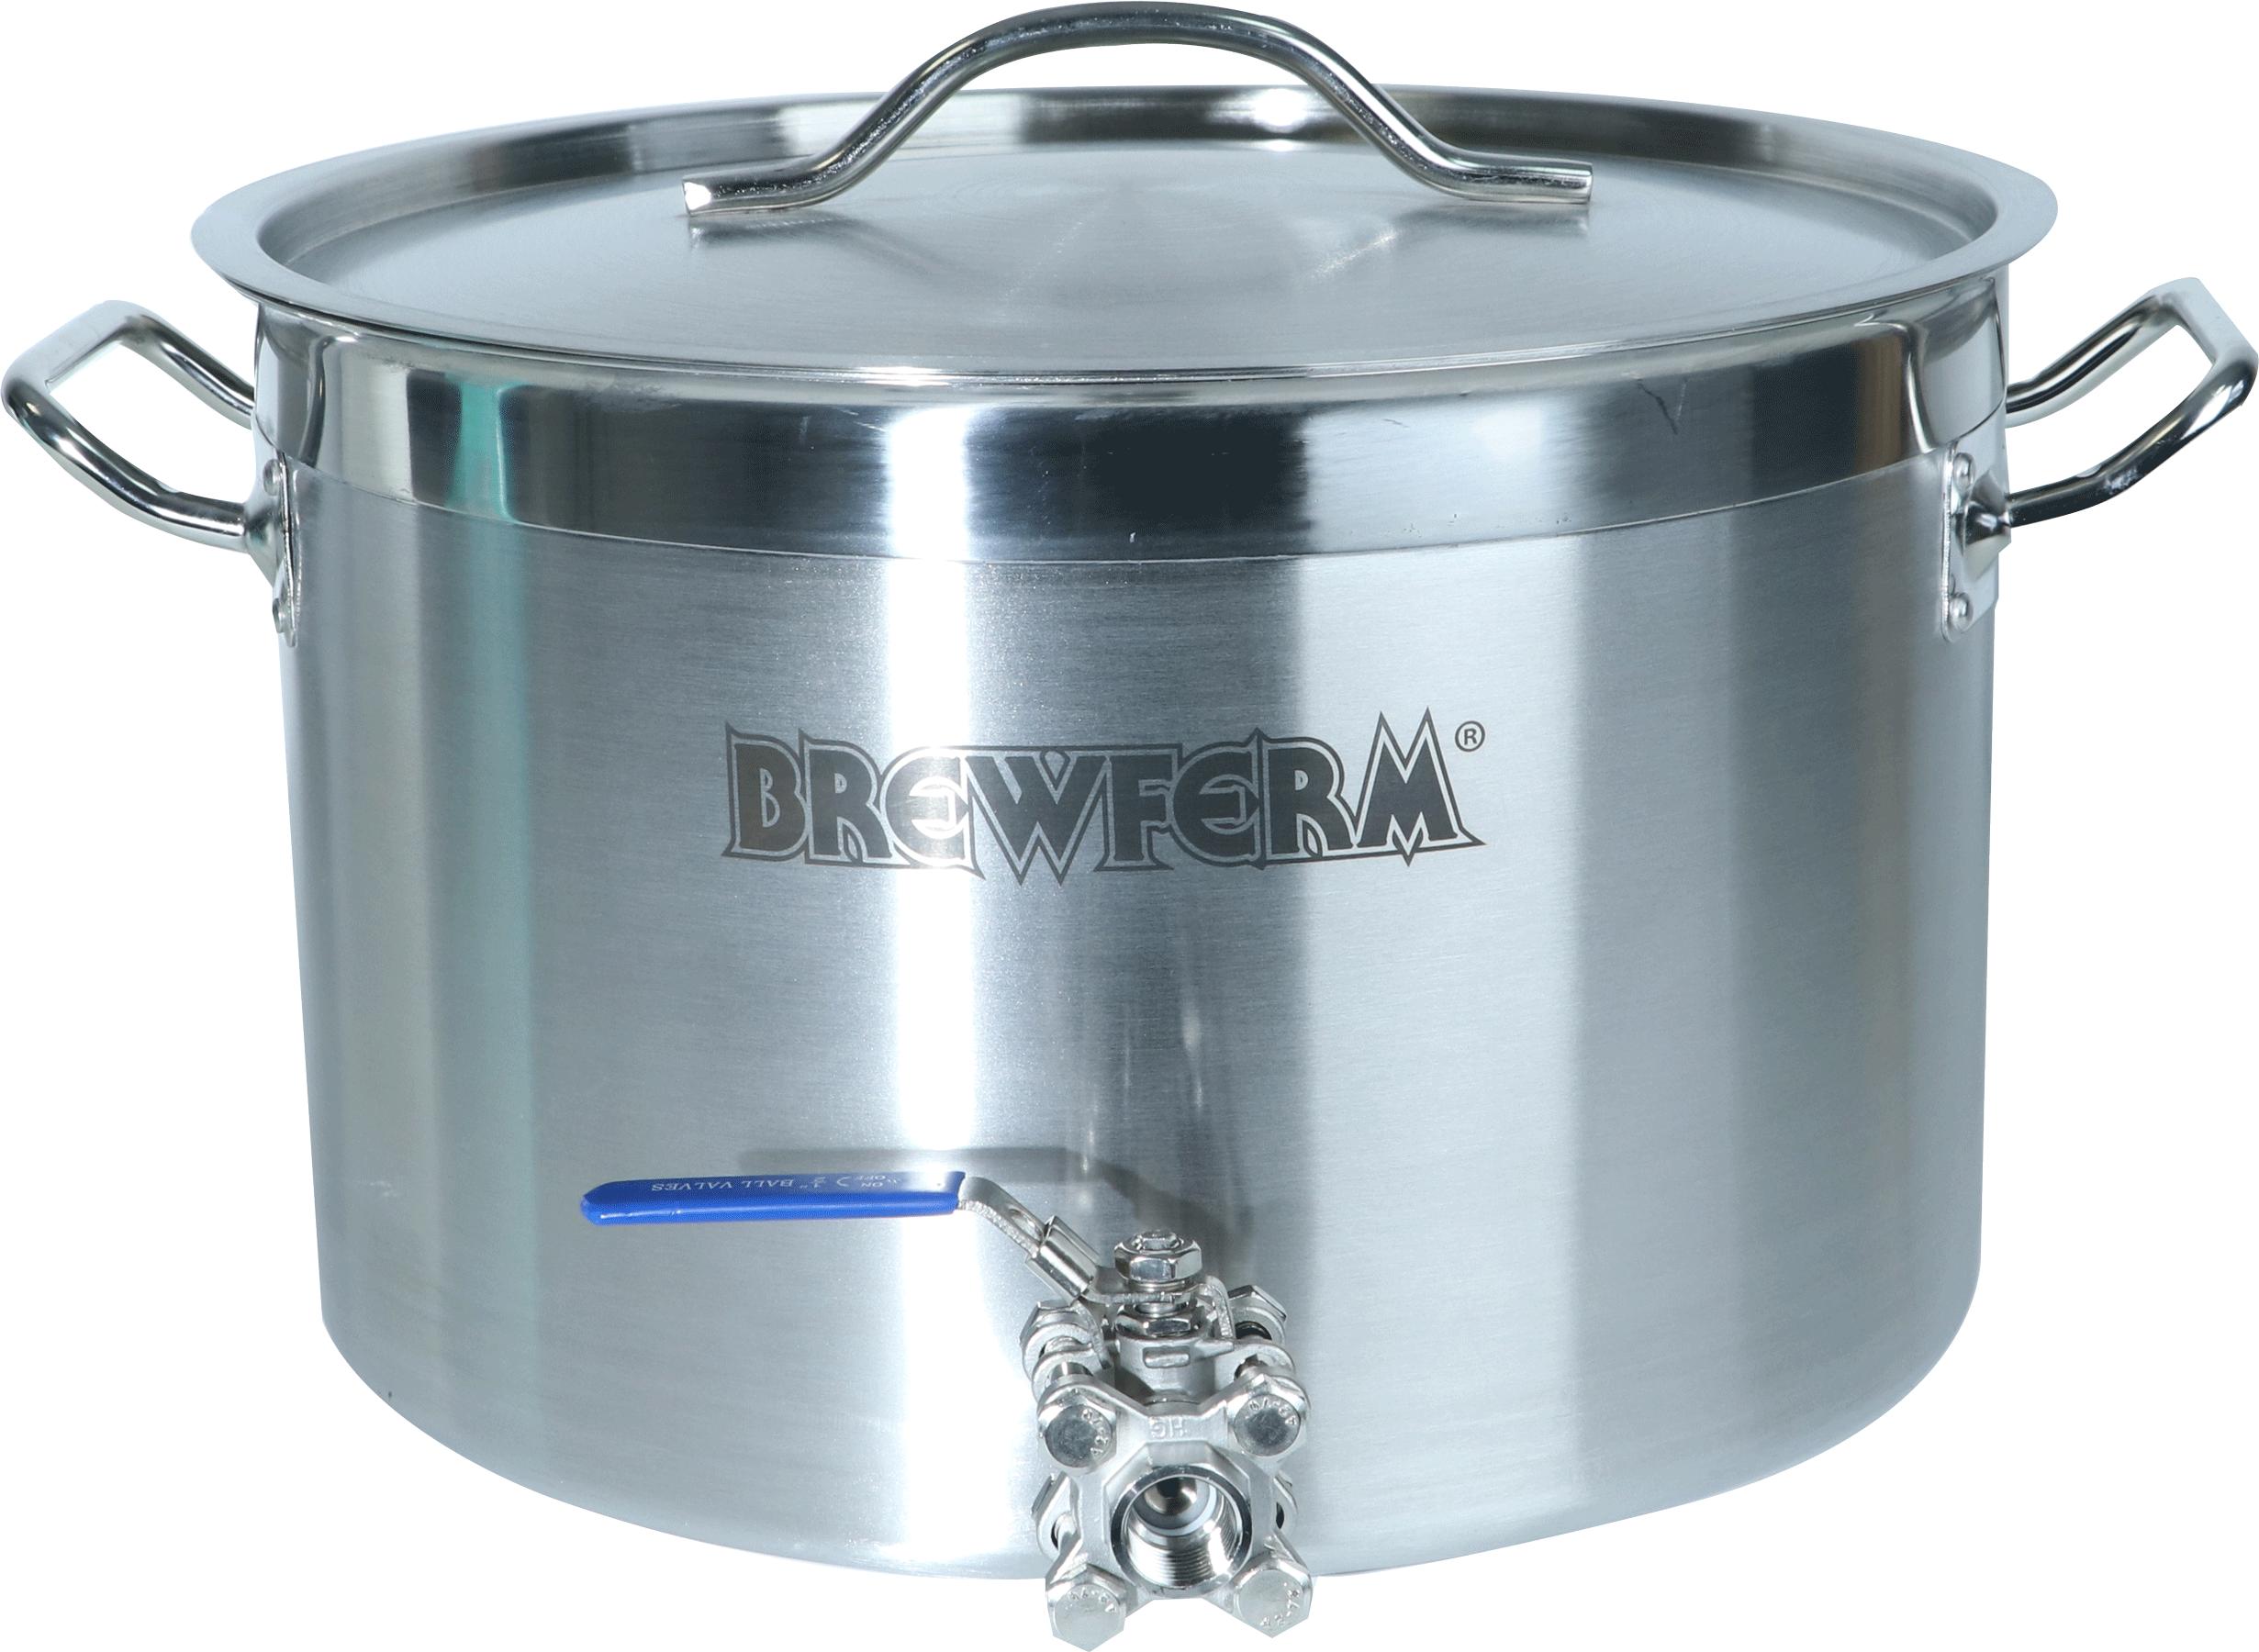 Cuve de brassage Brewferm 25 L avec robinet